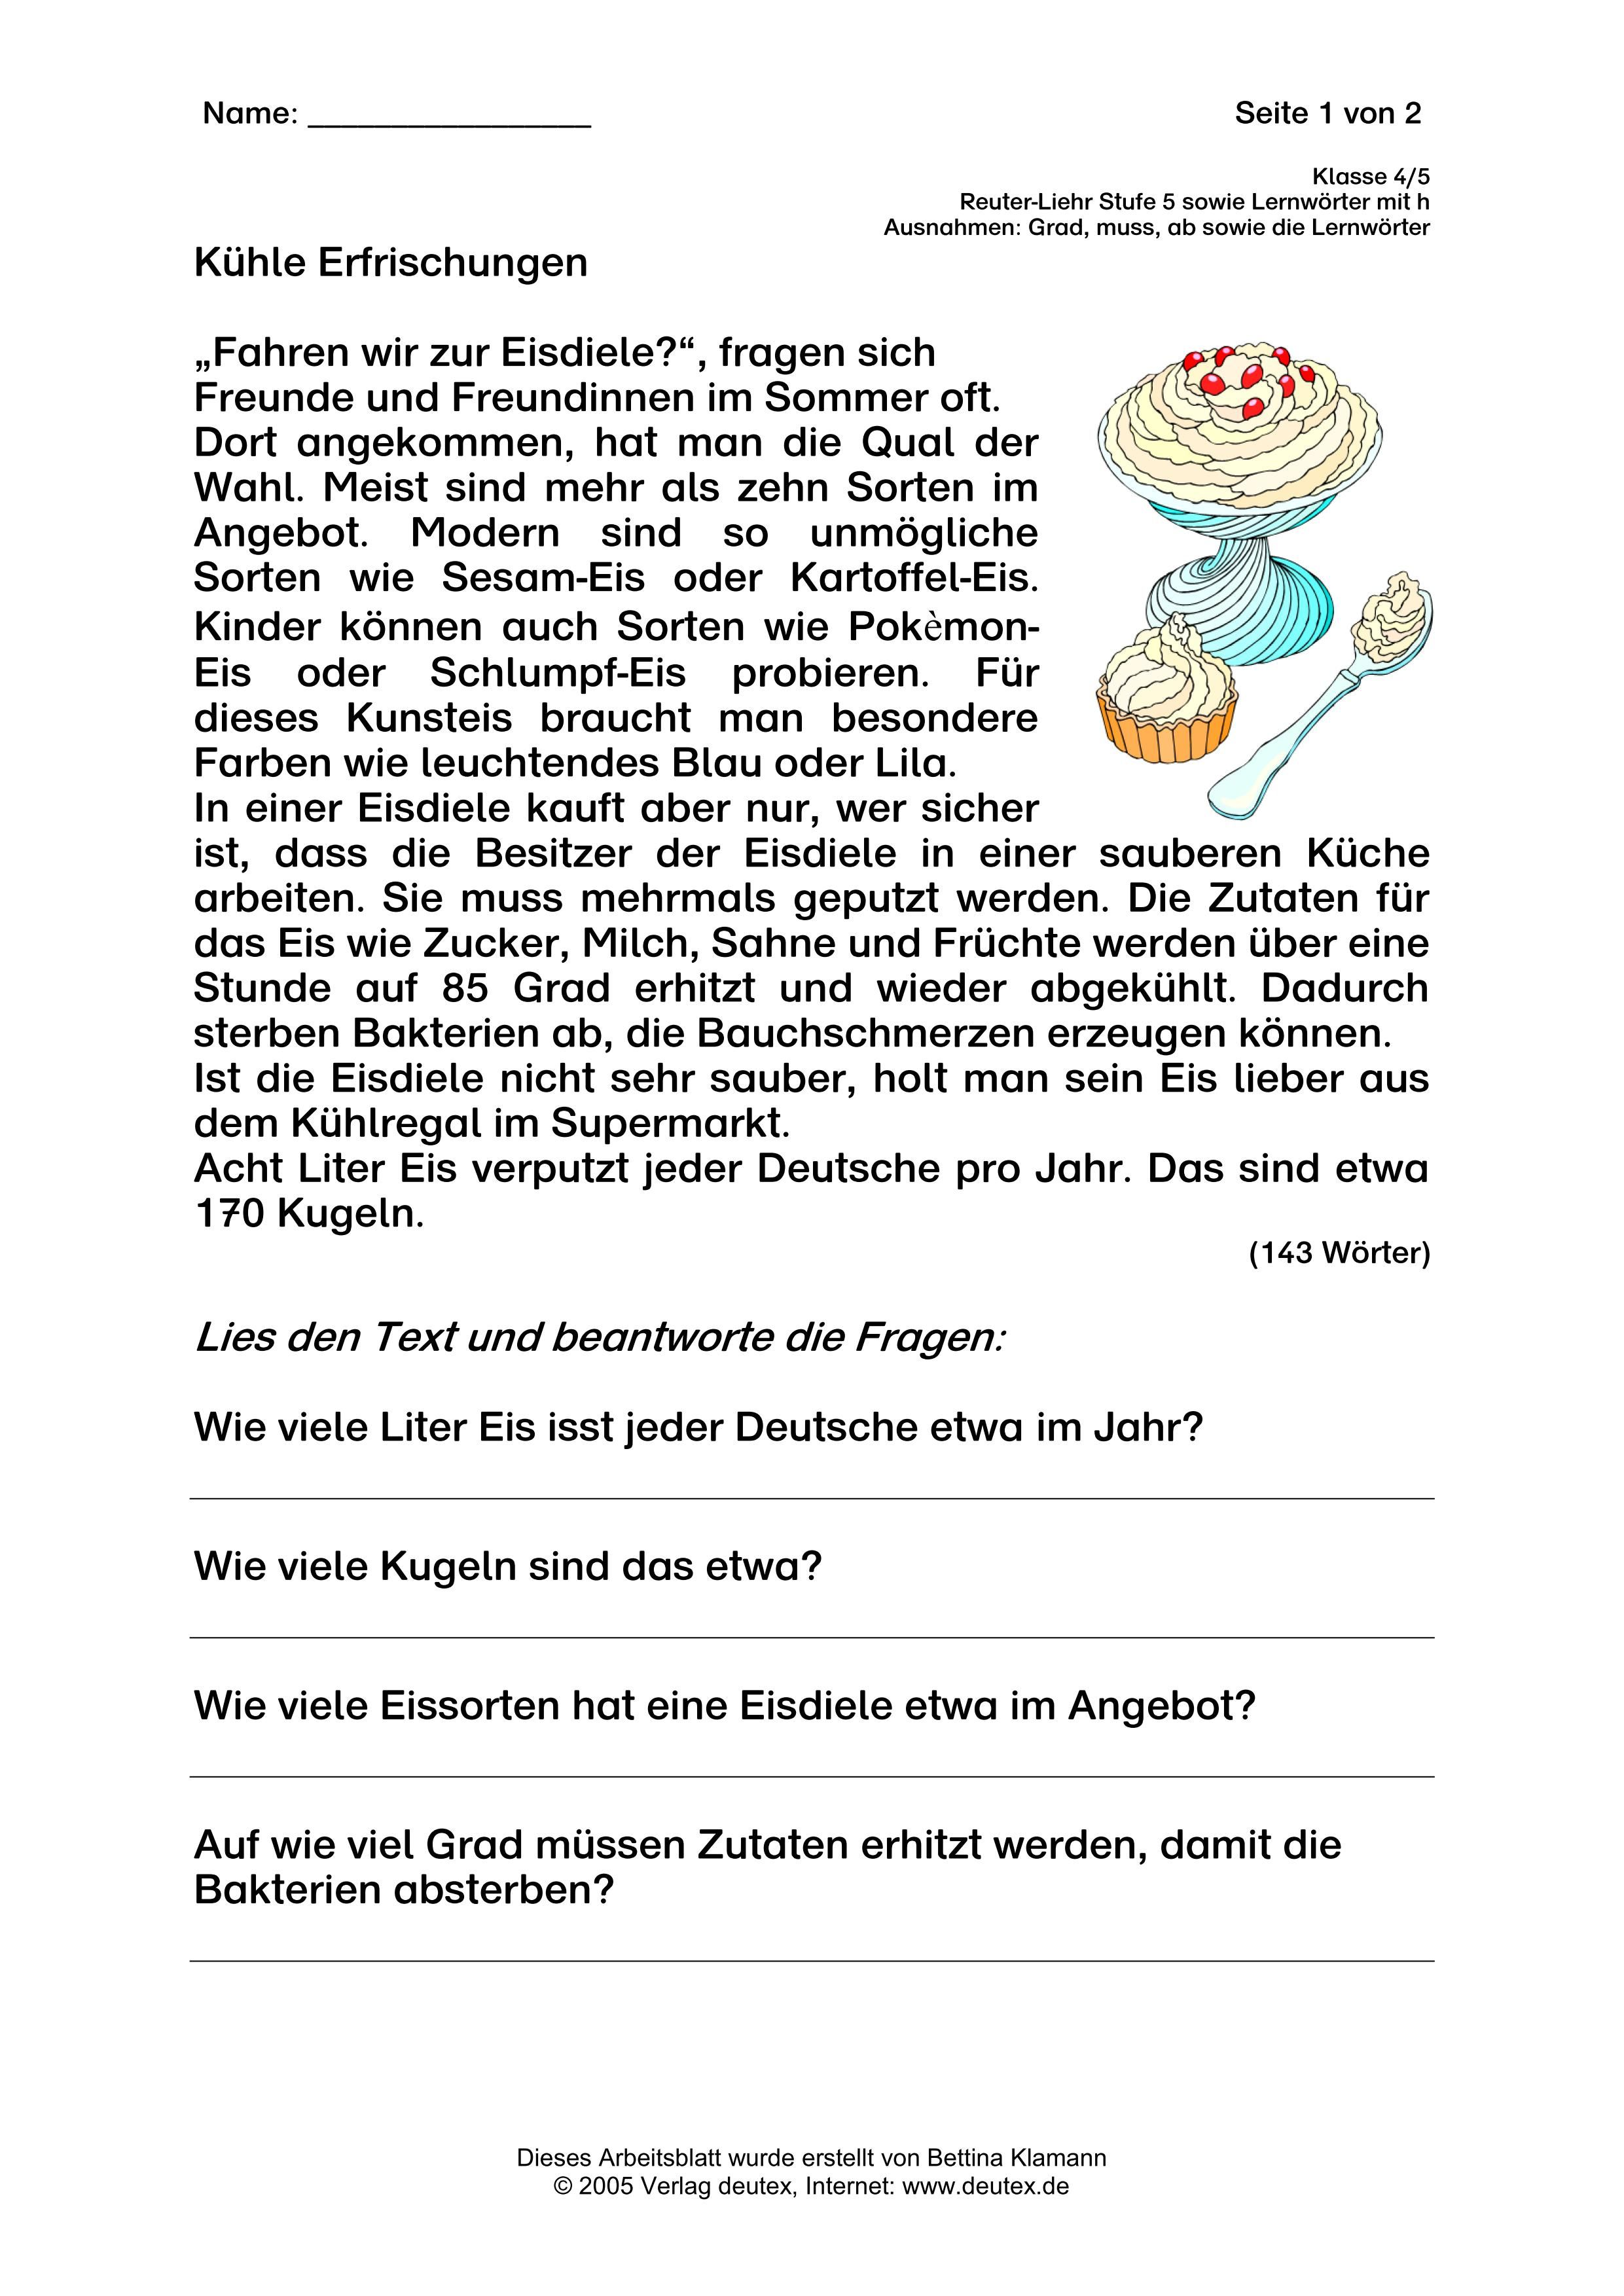 thema speise eis klasse 4 5 ruter liehr stufe 5 unterrichtsmaterial im fach deutsch. Black Bedroom Furniture Sets. Home Design Ideas